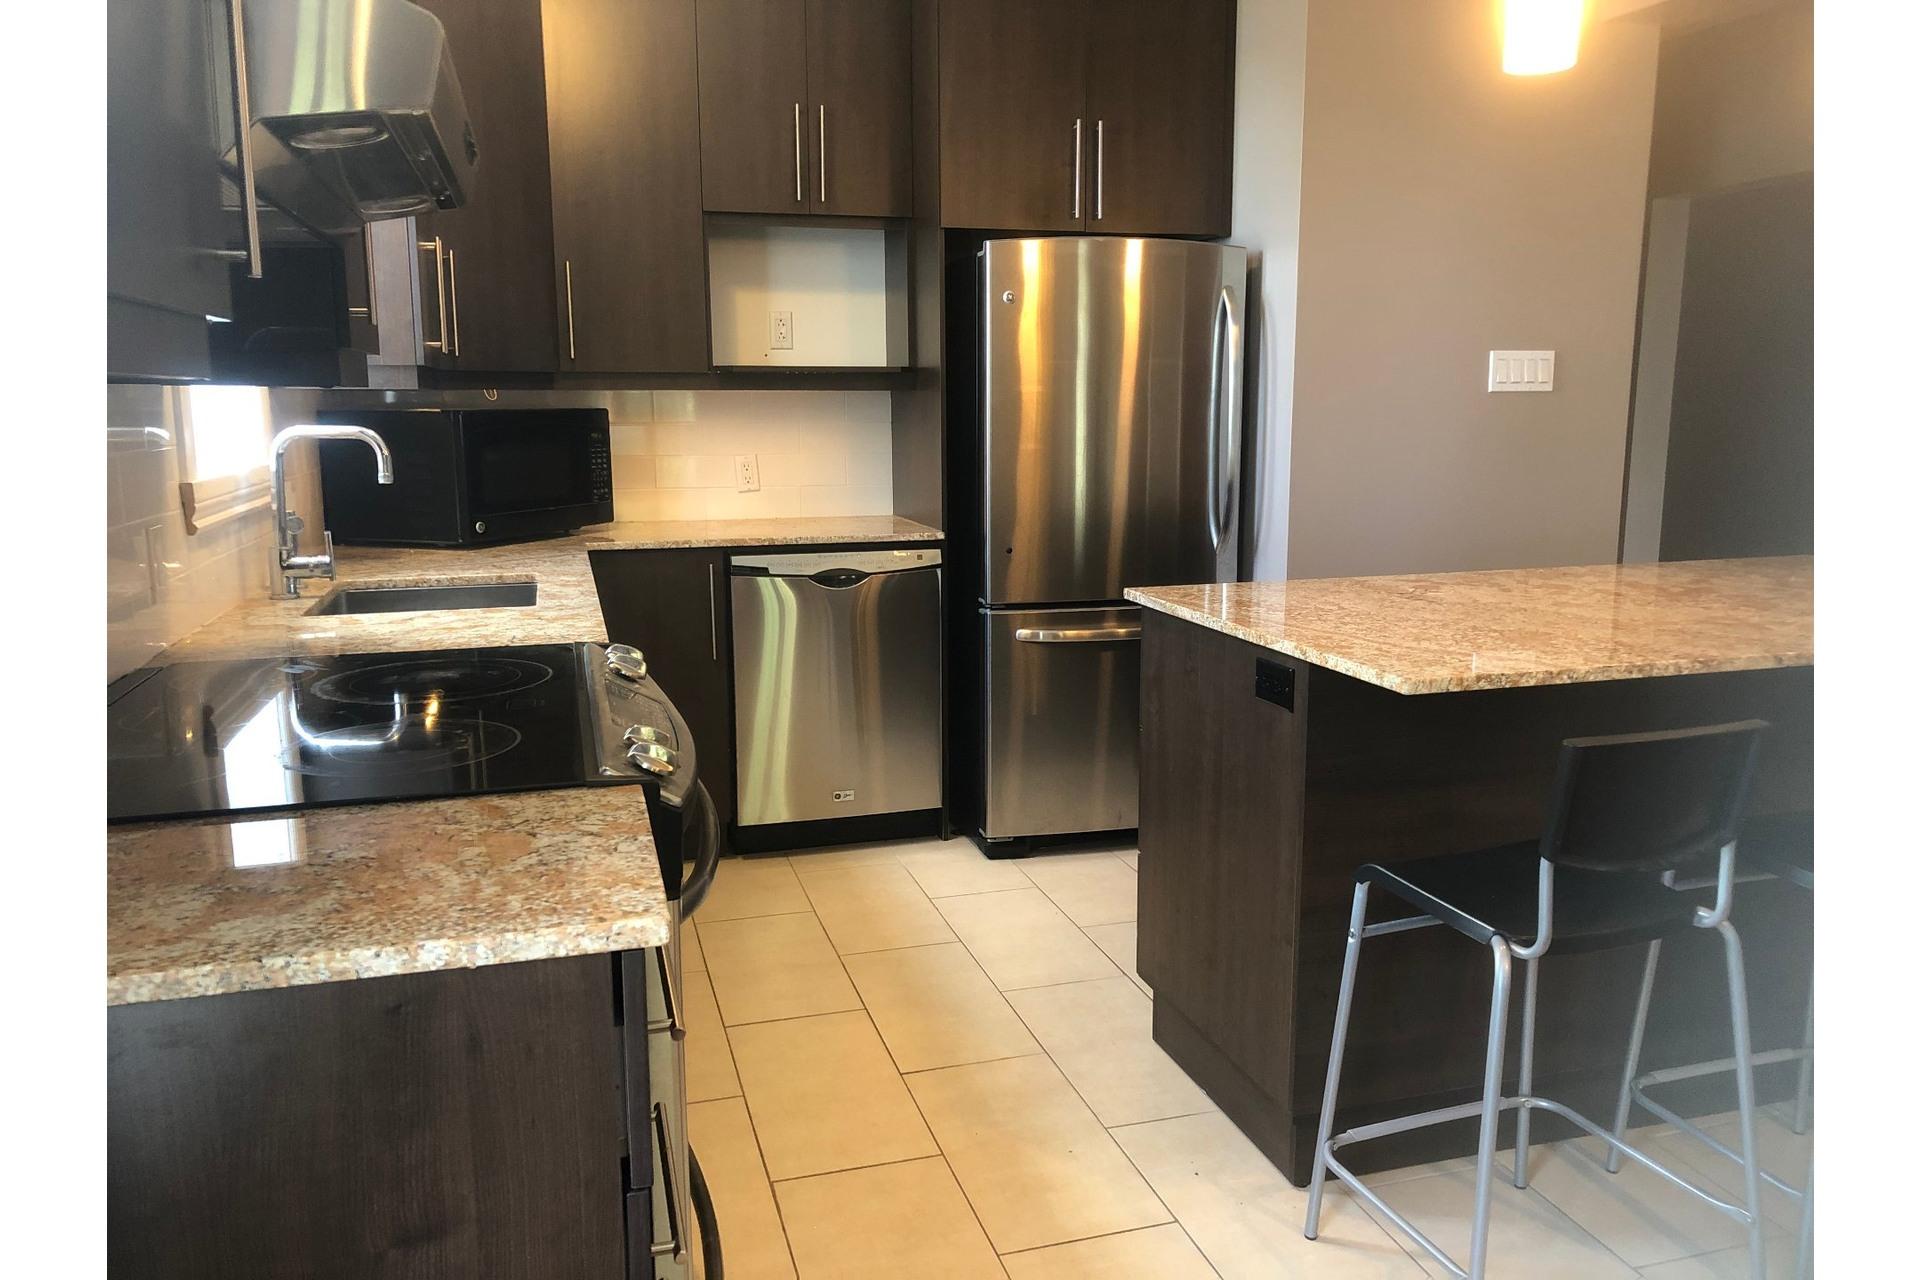 image 5 - House For rent Rivière-des-Prairies/Pointe-aux-Trembles Montréal  - 7 rooms